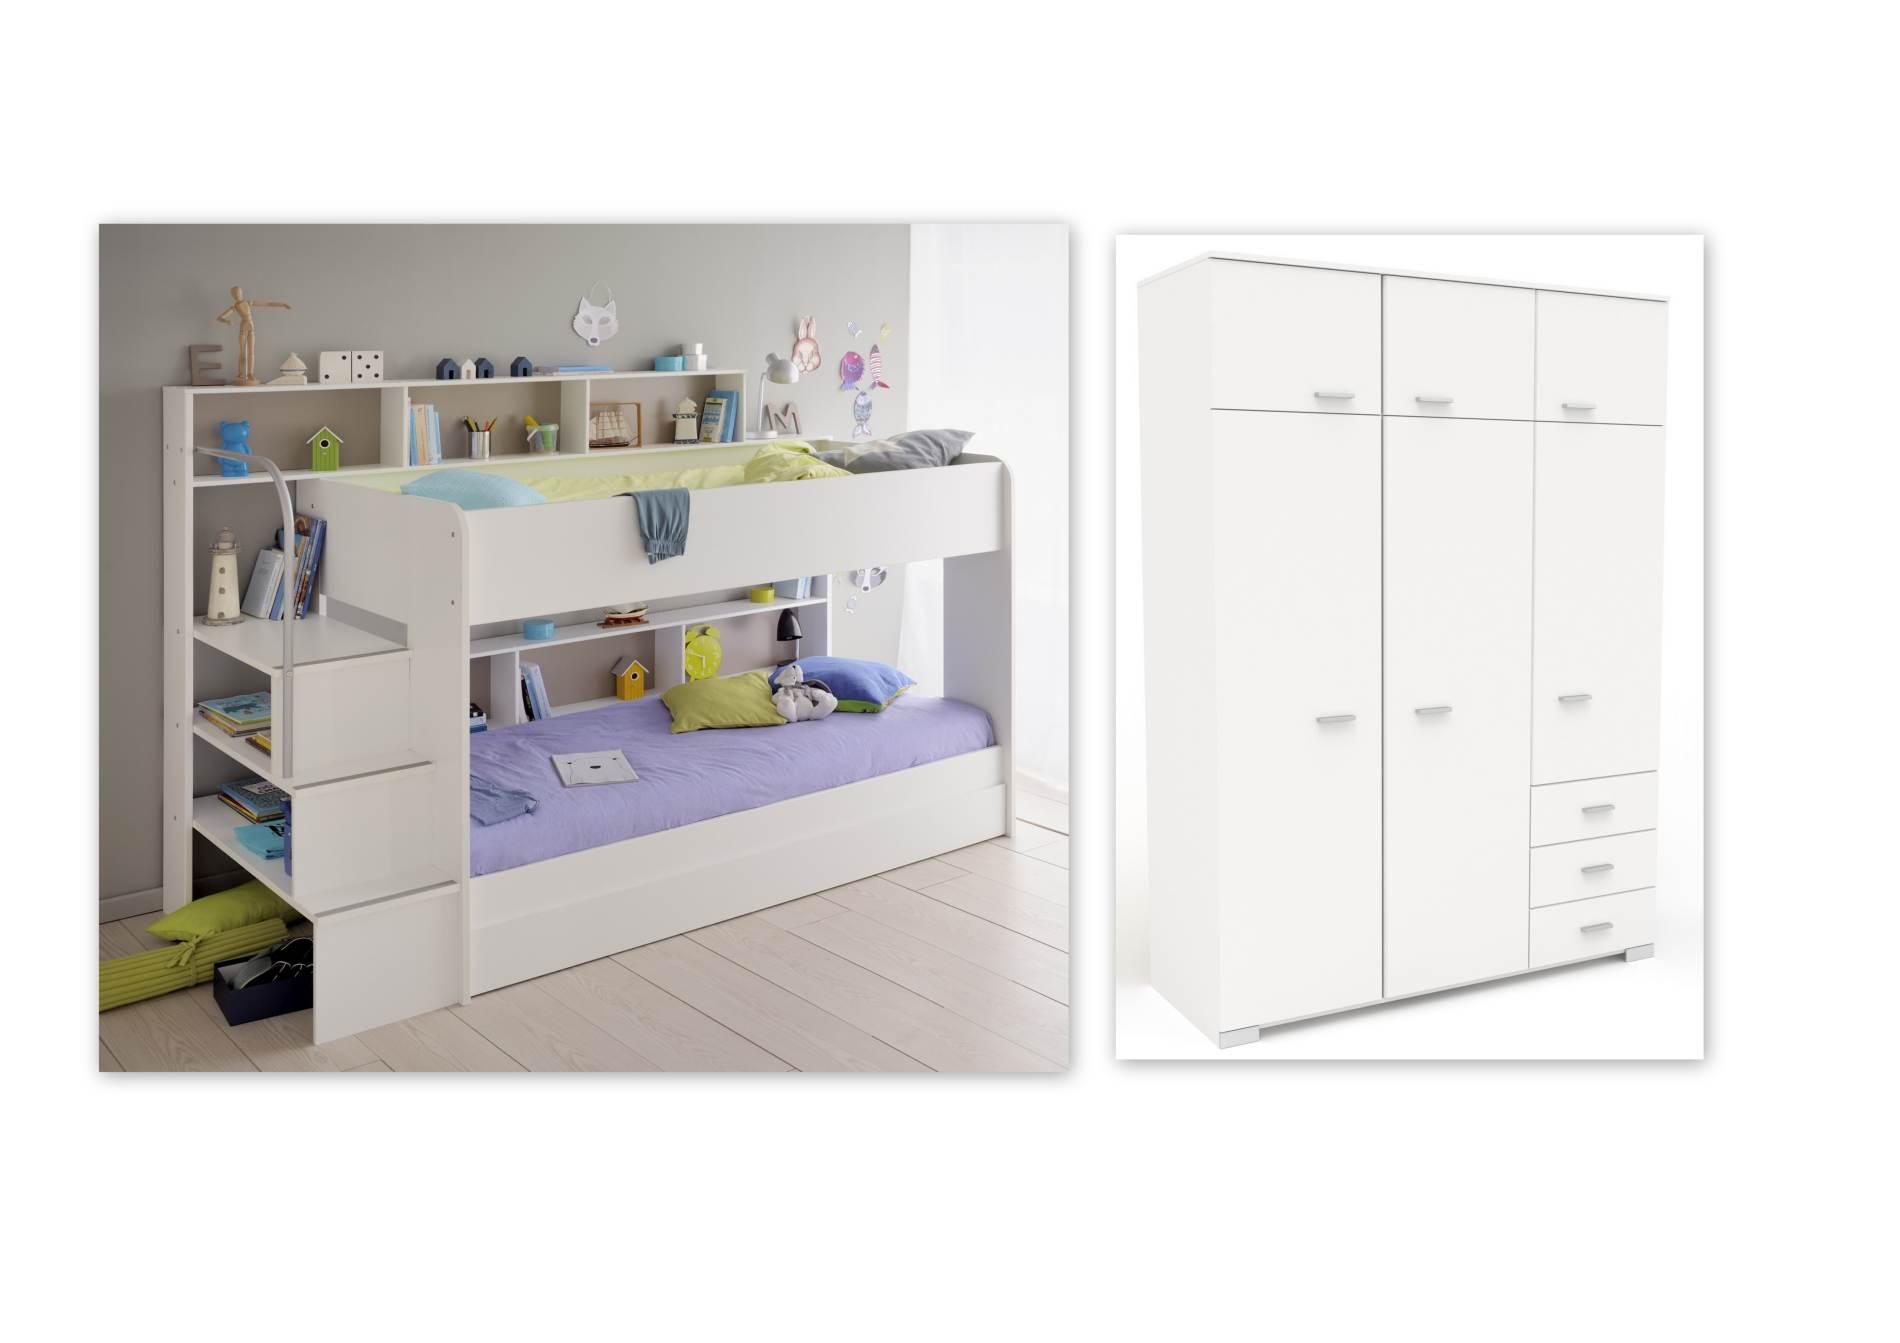 etagenbett set bibop 53 mit zus tzlichen kleiderschrank von parisot. Black Bedroom Furniture Sets. Home Design Ideas